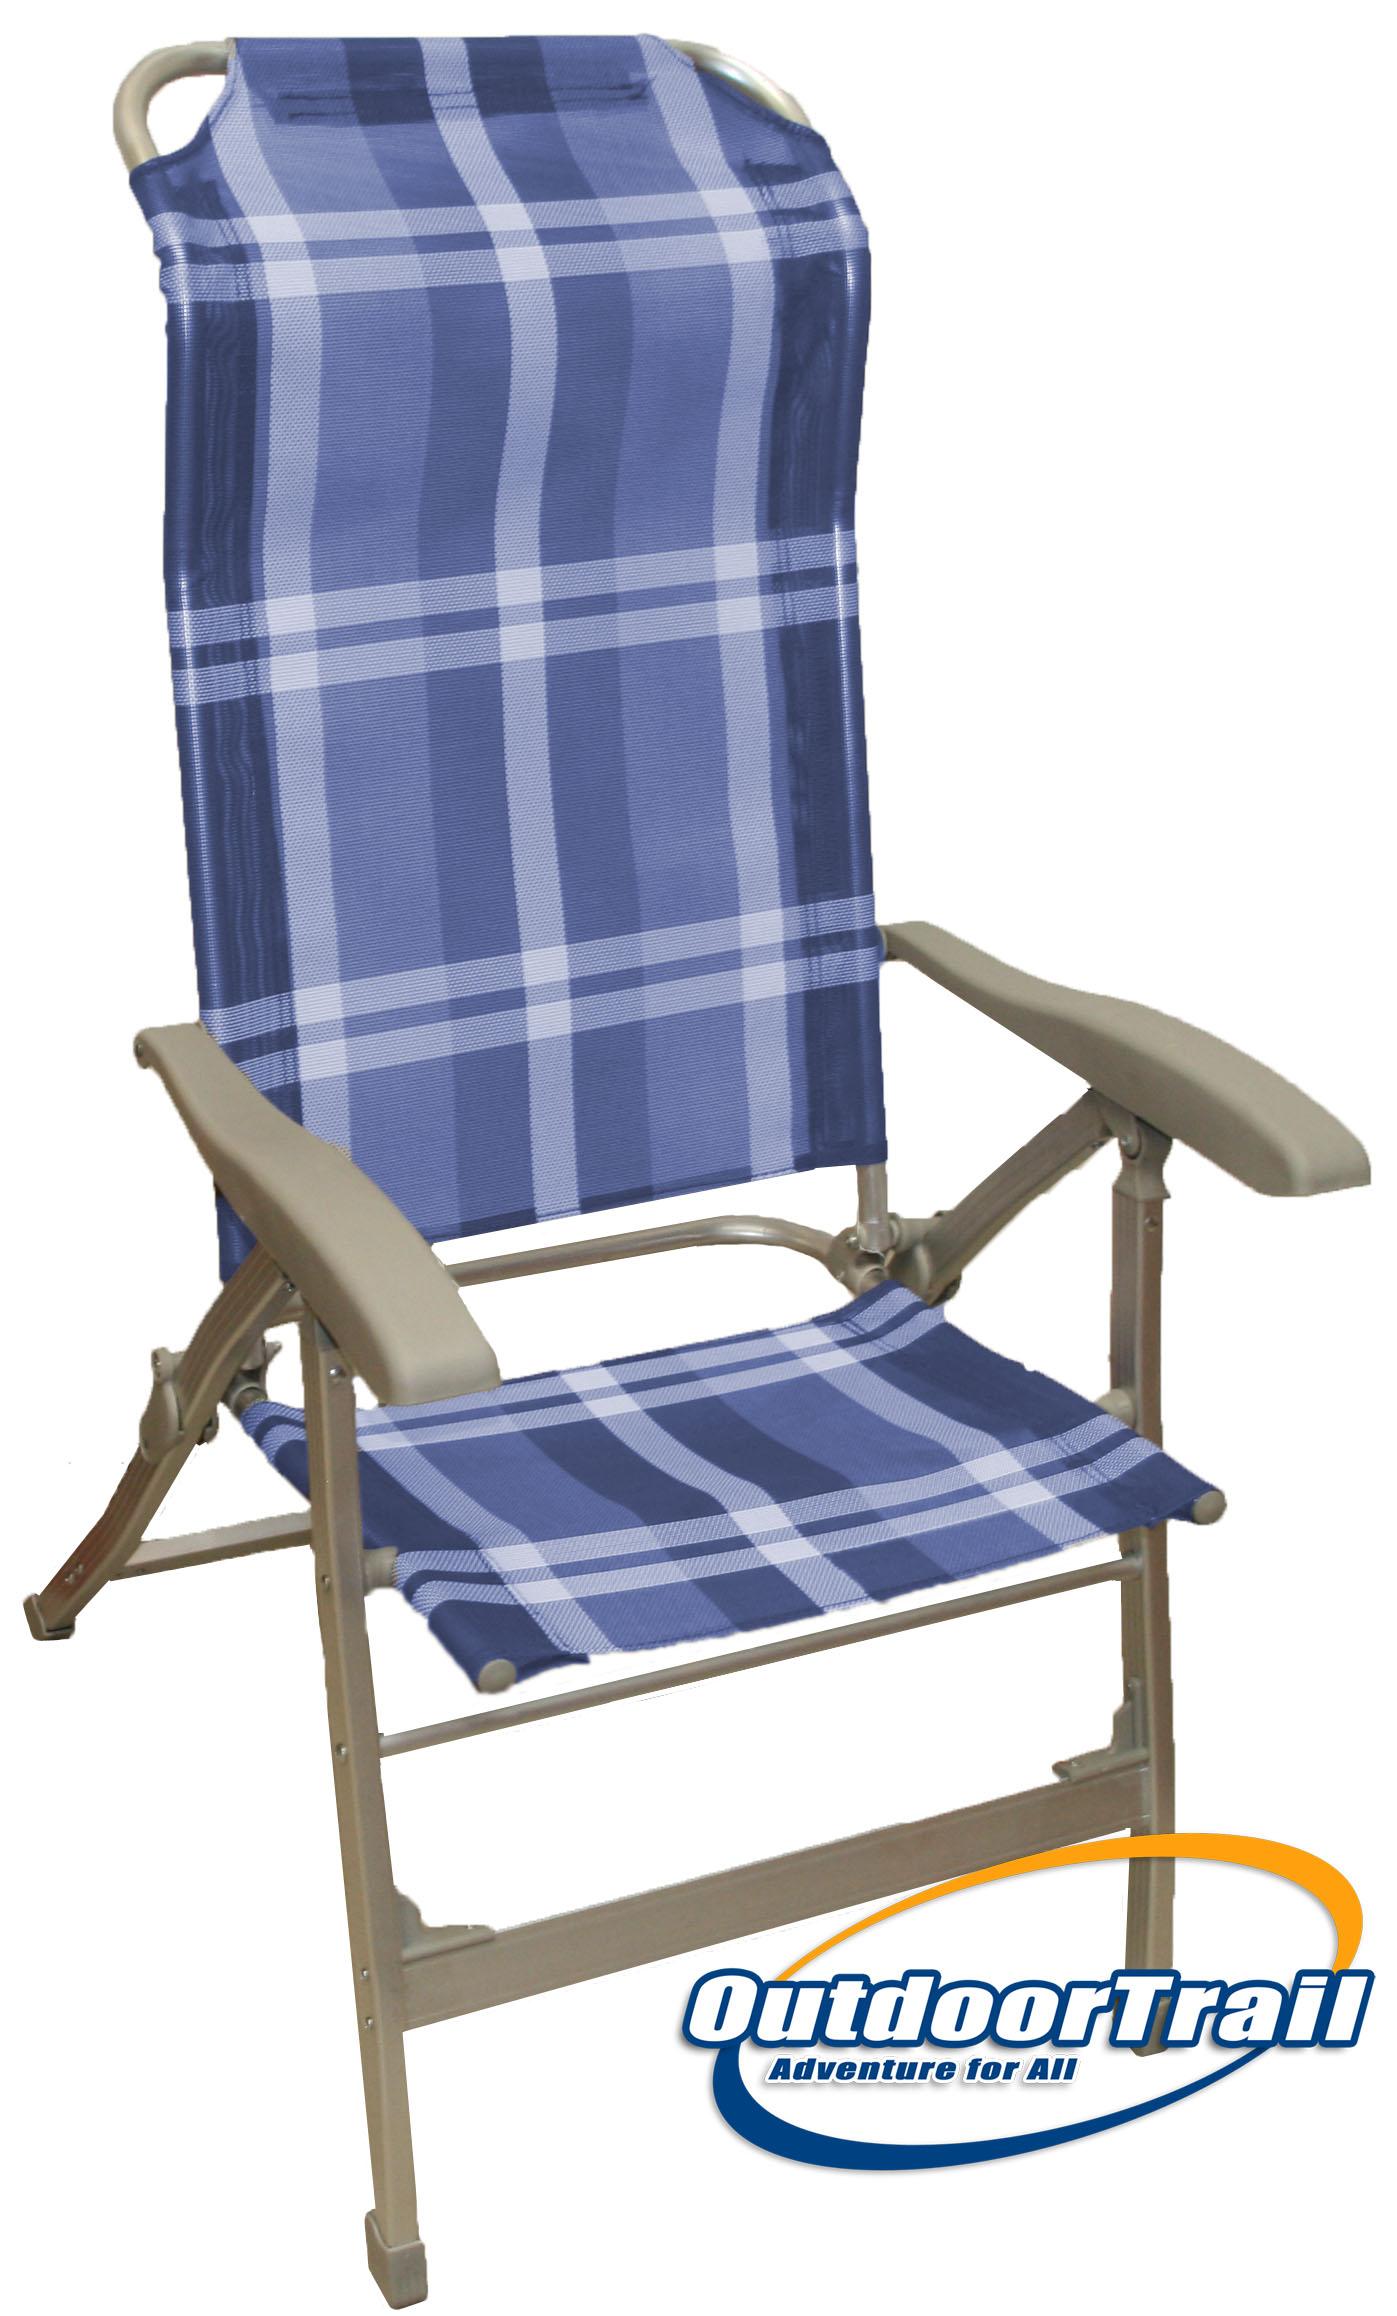 Lightweight alloy recliner folding camping caravan chair blue